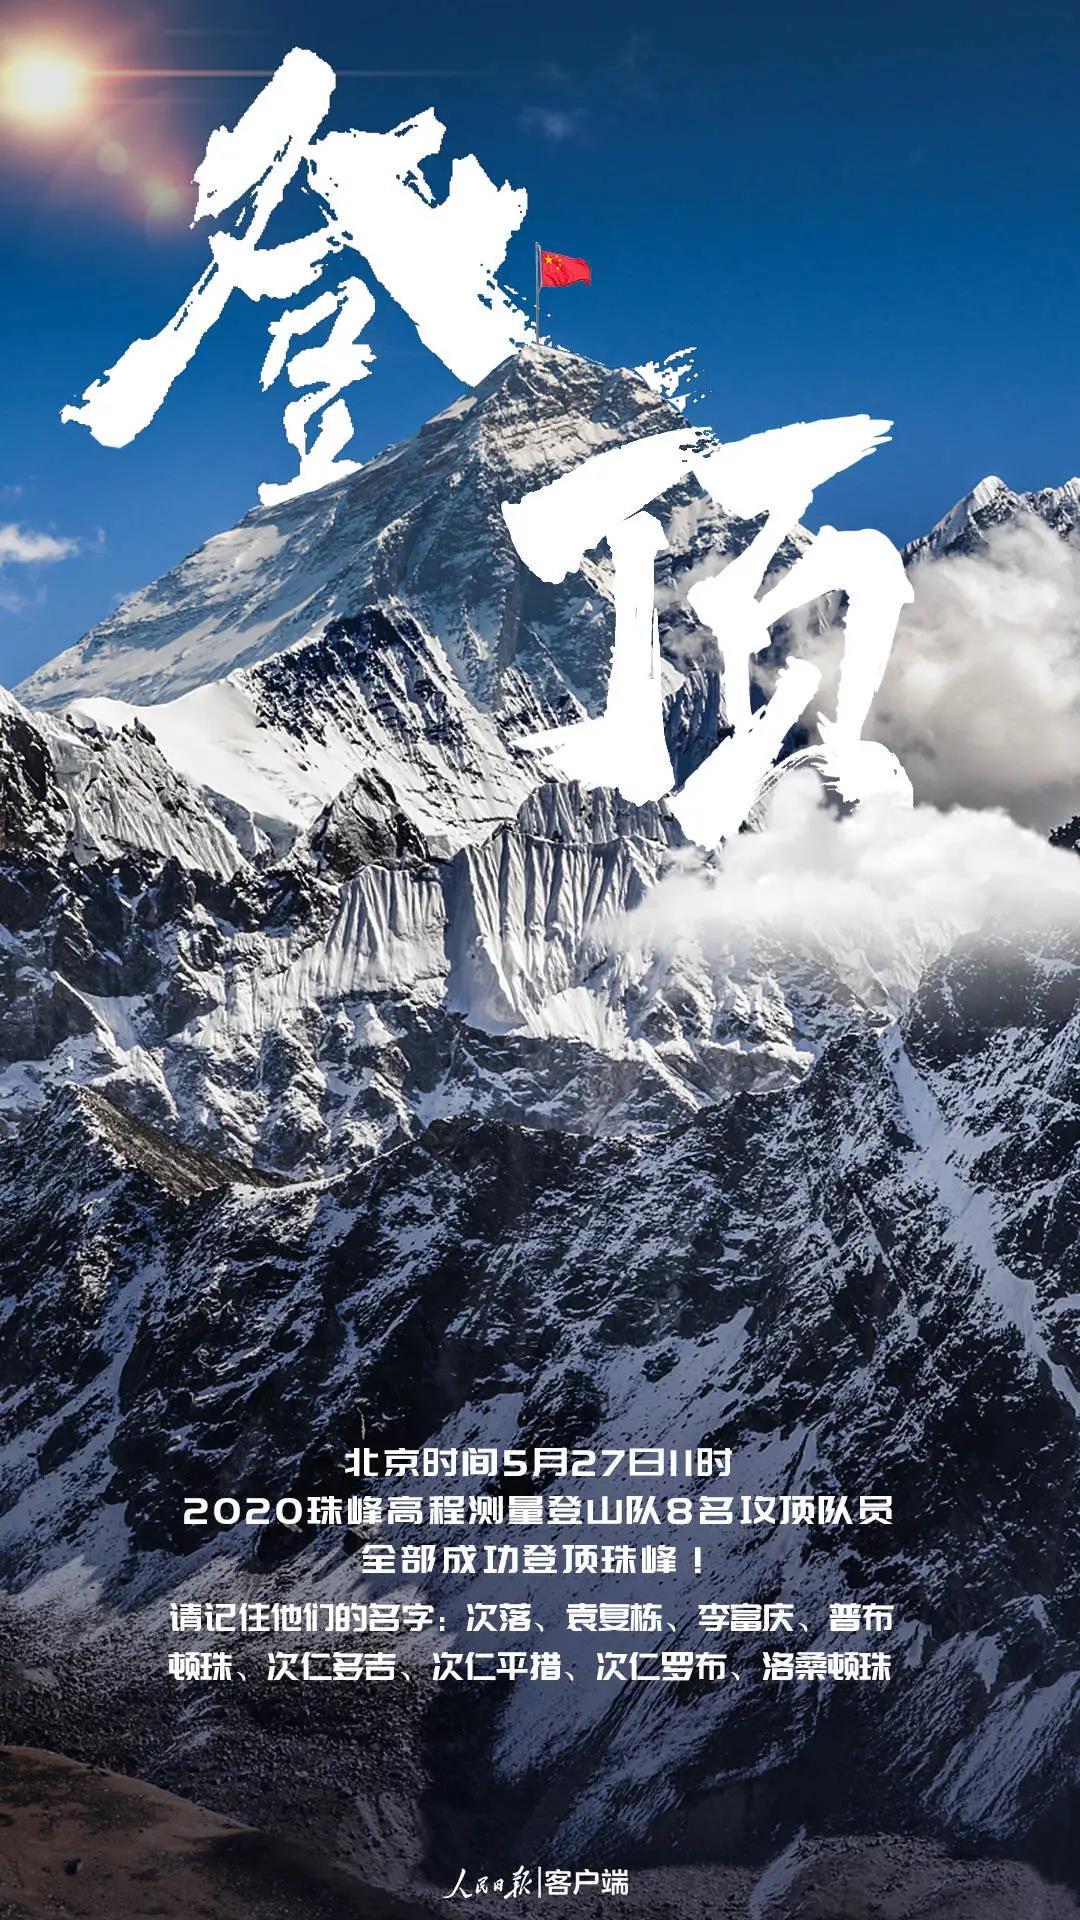 2020珠峰高程测量登山队登顶成功